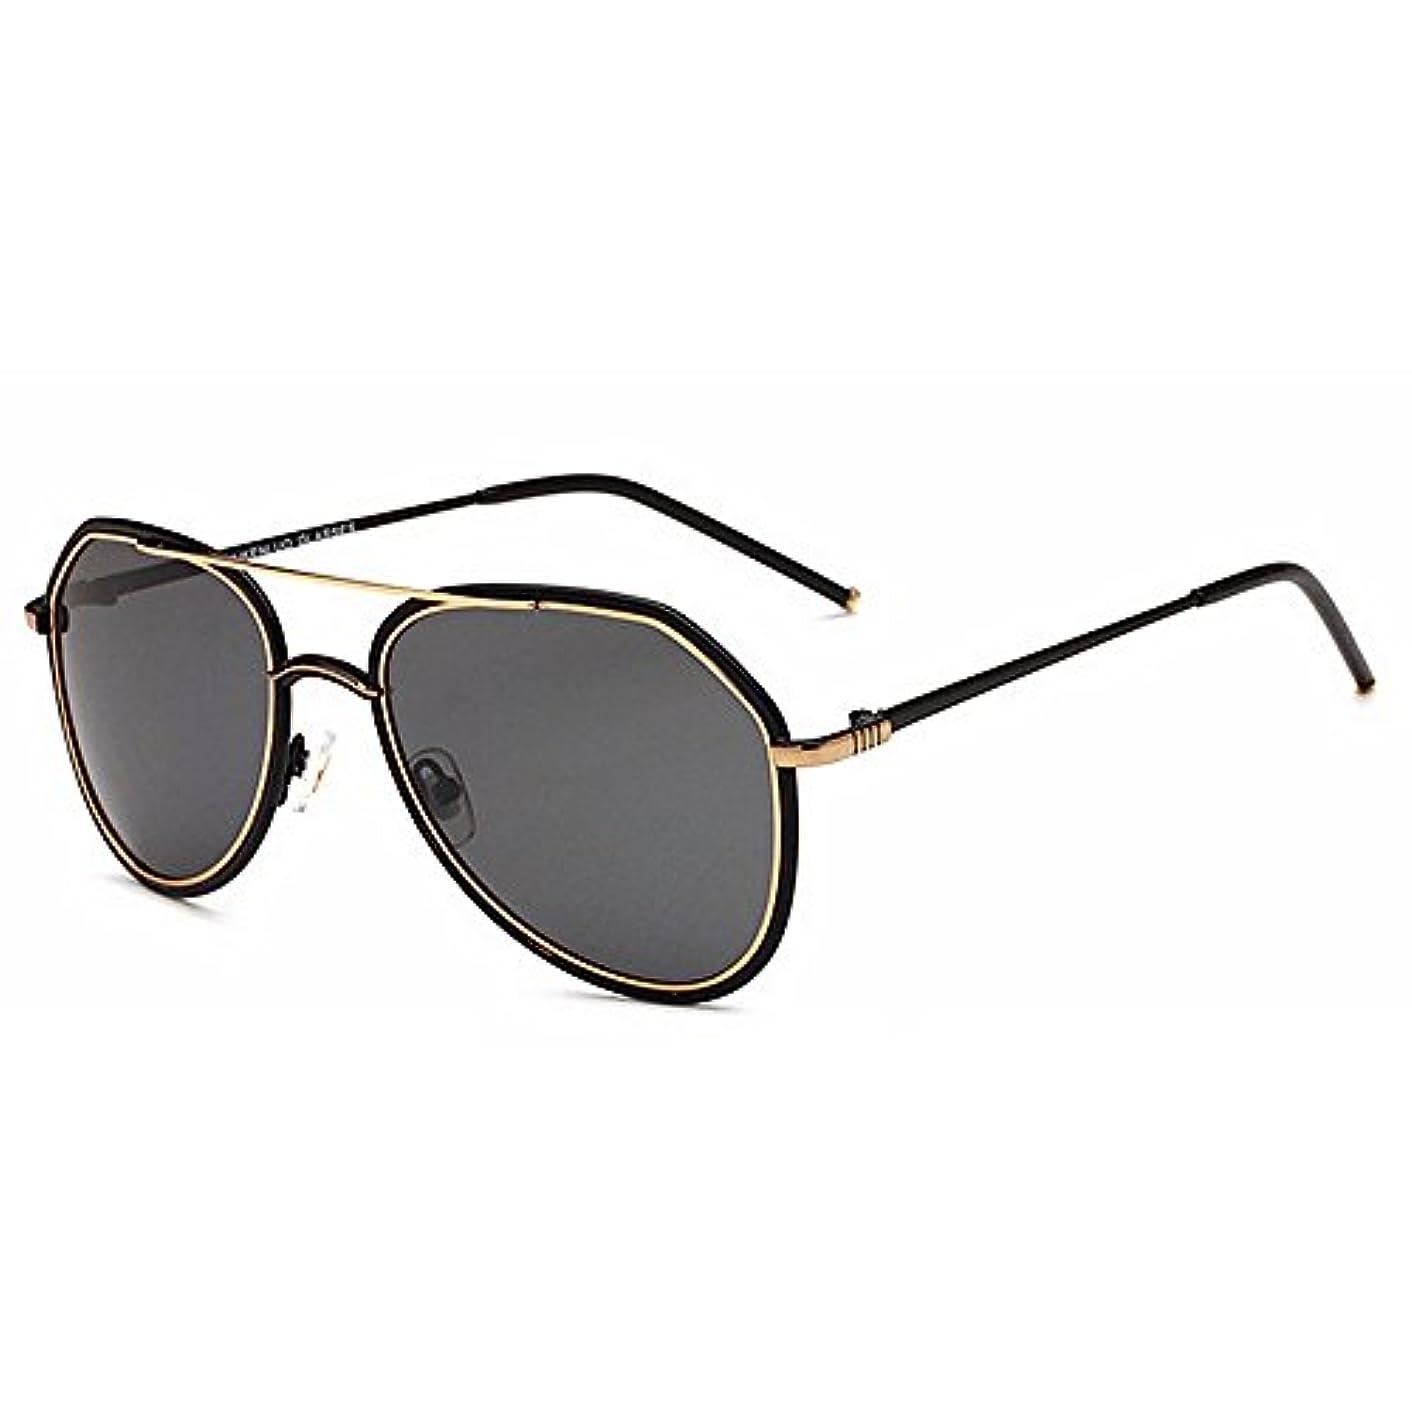 保全評論家俳優サングラス 超軽量 偏光レンズホルダー UVプロテクション メン ズサングラ ヴィンテージ FA-65 (Gold)